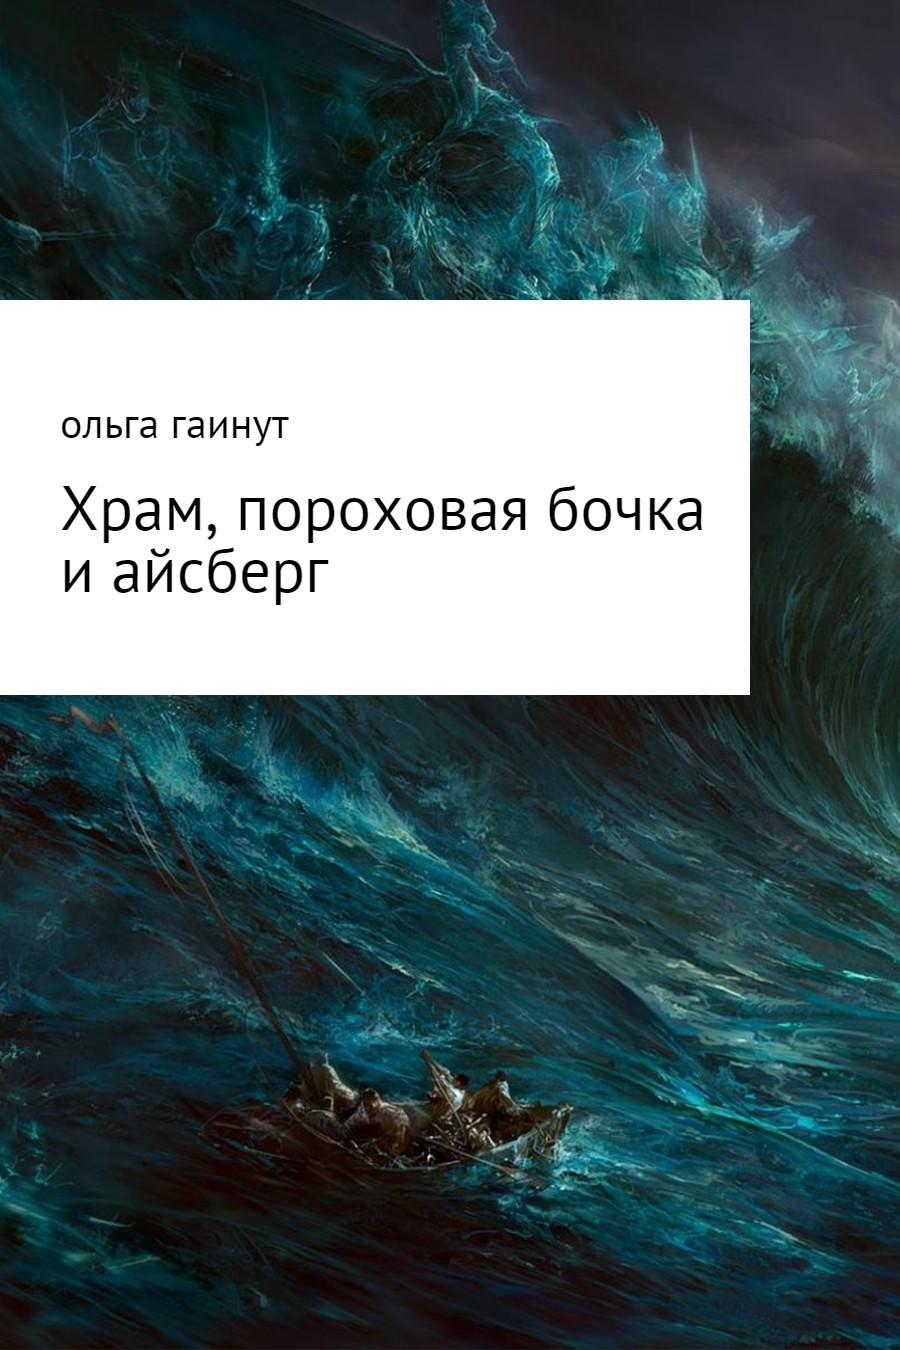 ОЛЬГА Геннадьевна ГАИНУТ Храм, пороховая бочка и айсберг андрей светенко балканы – пороховая бочка европы